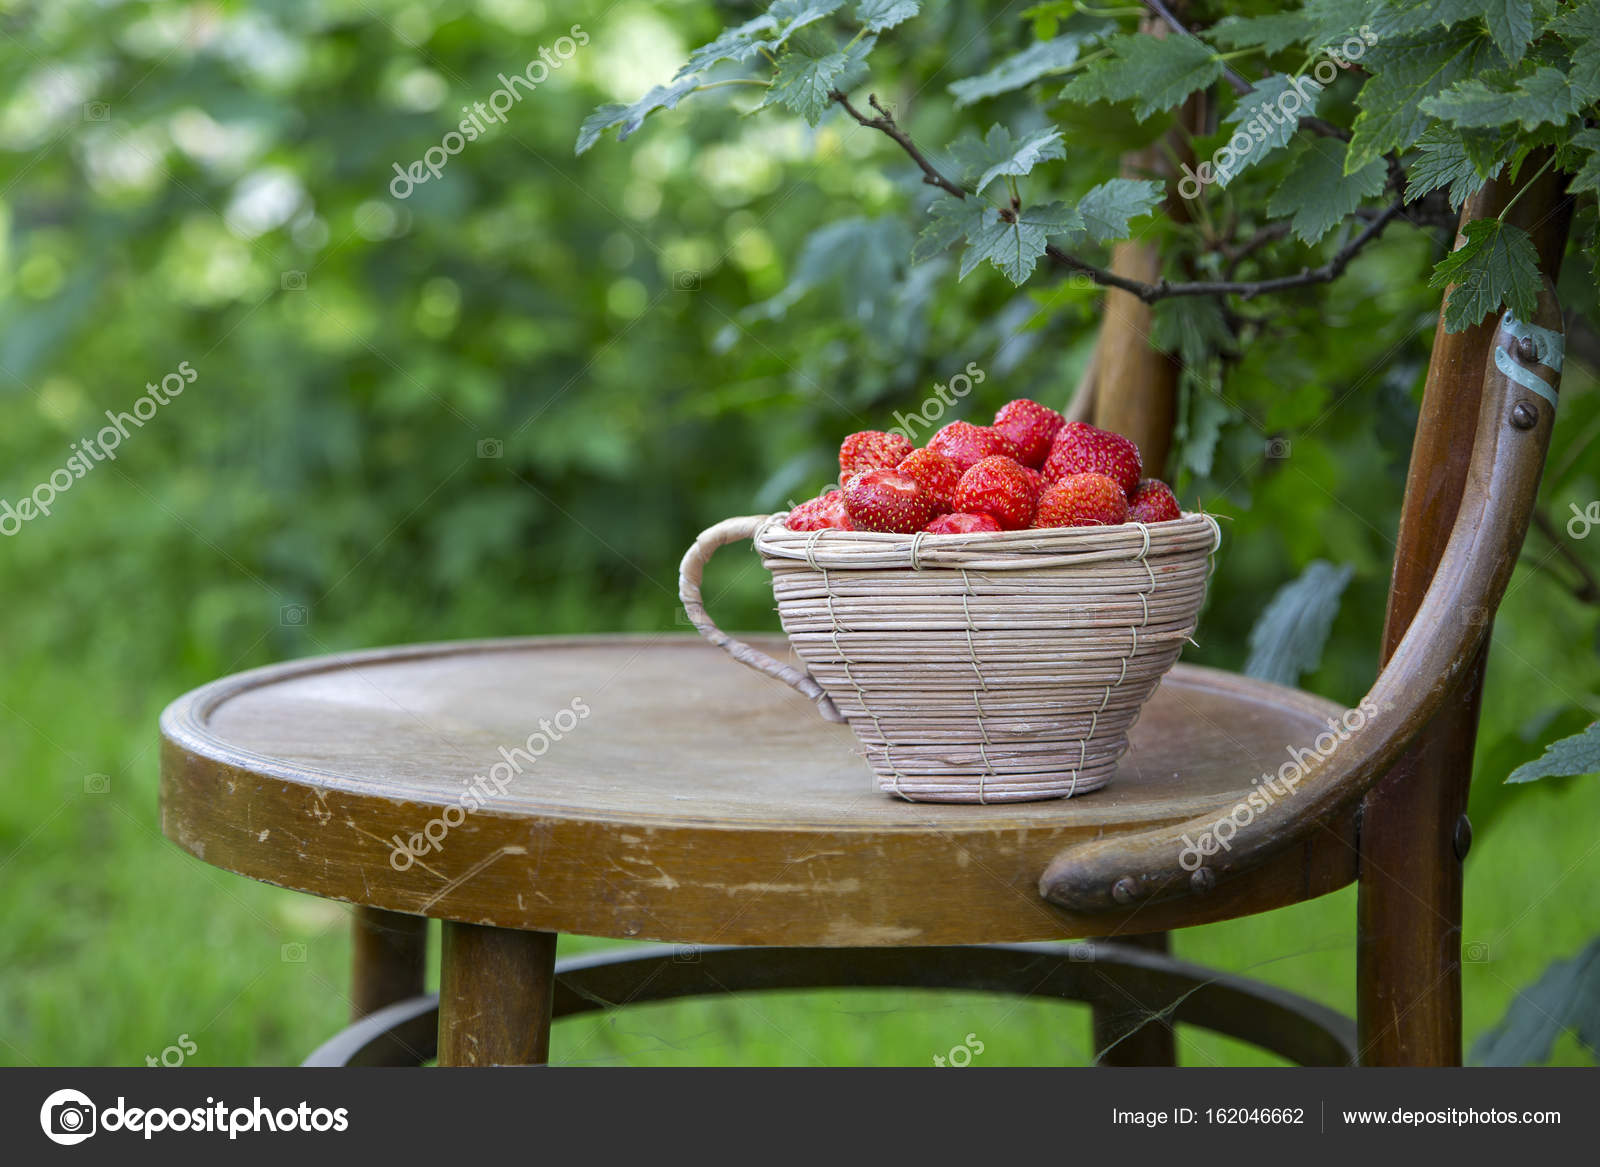 Frische Erdbeeren In Einem Korb Auf Einem Stuhl Stockfoto